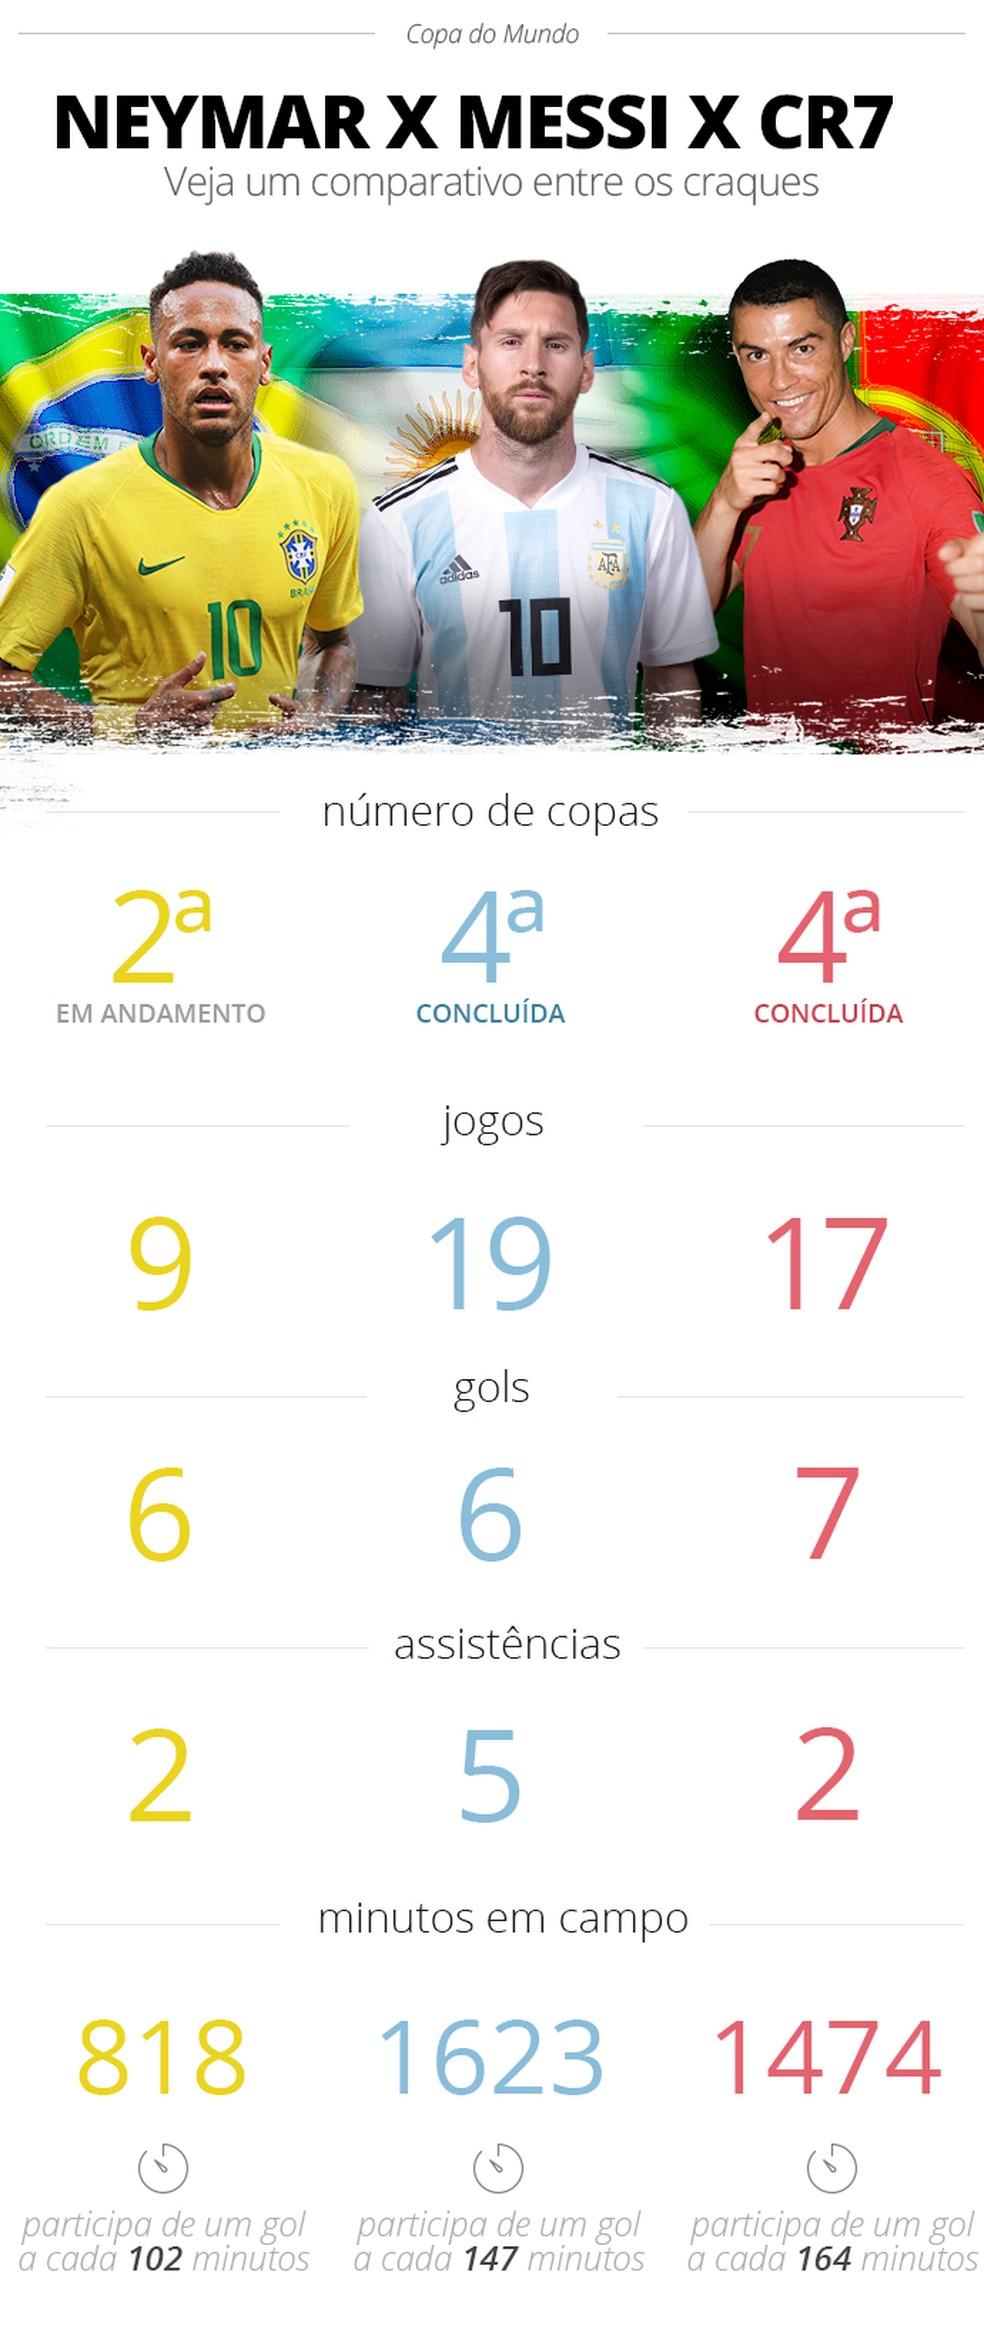 Info Neymar x Messi x CR7 (Foto: Infoesporte)